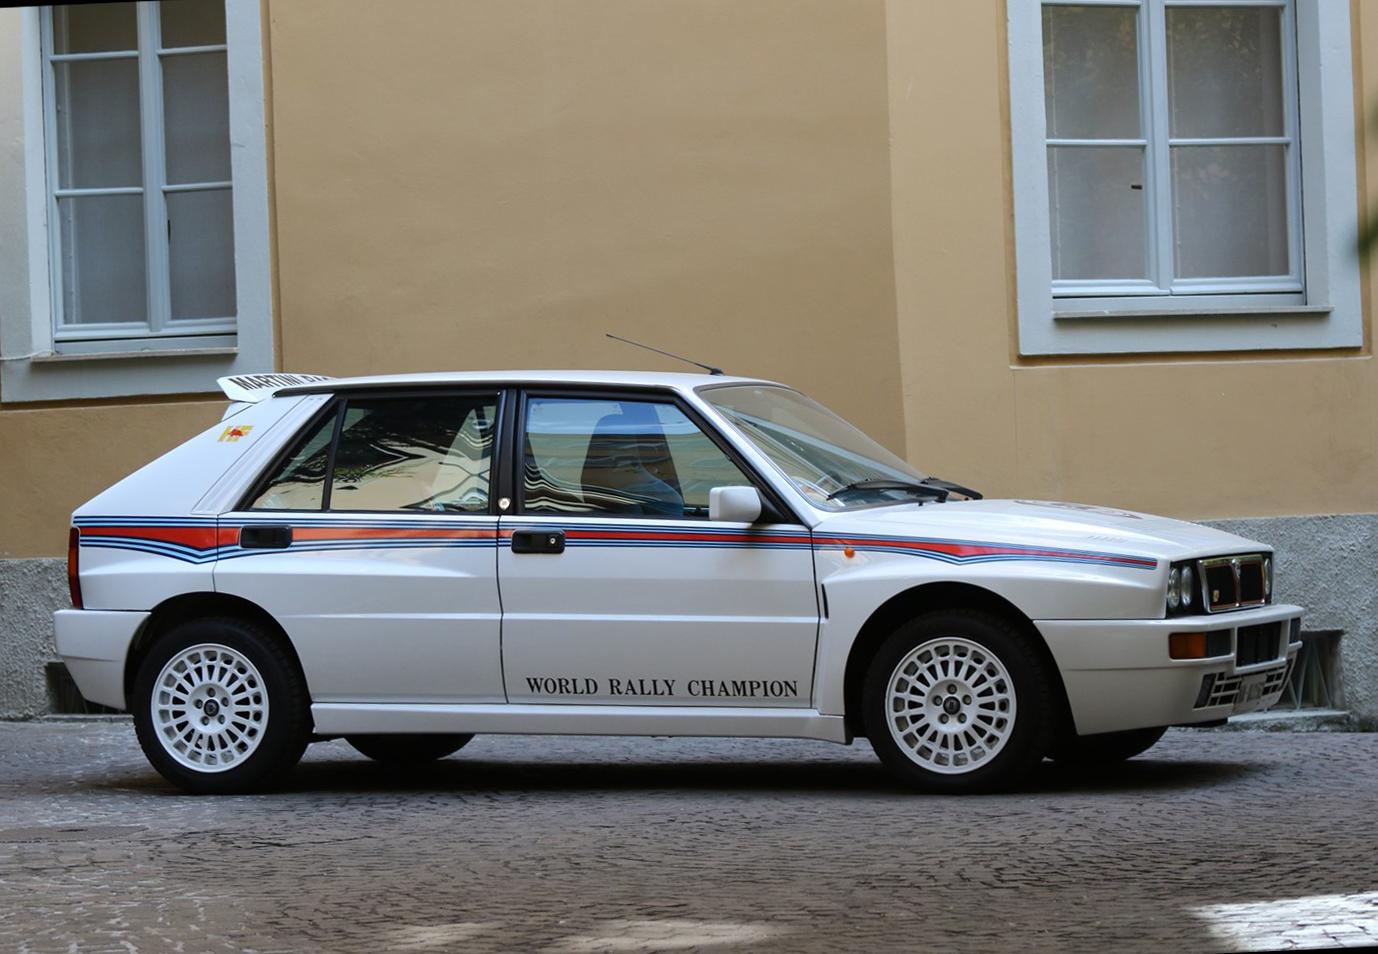 Lotto 271: 1992 Lancia Delta HF Integrale Evoluzione 1 Martini 6 (Lancia)